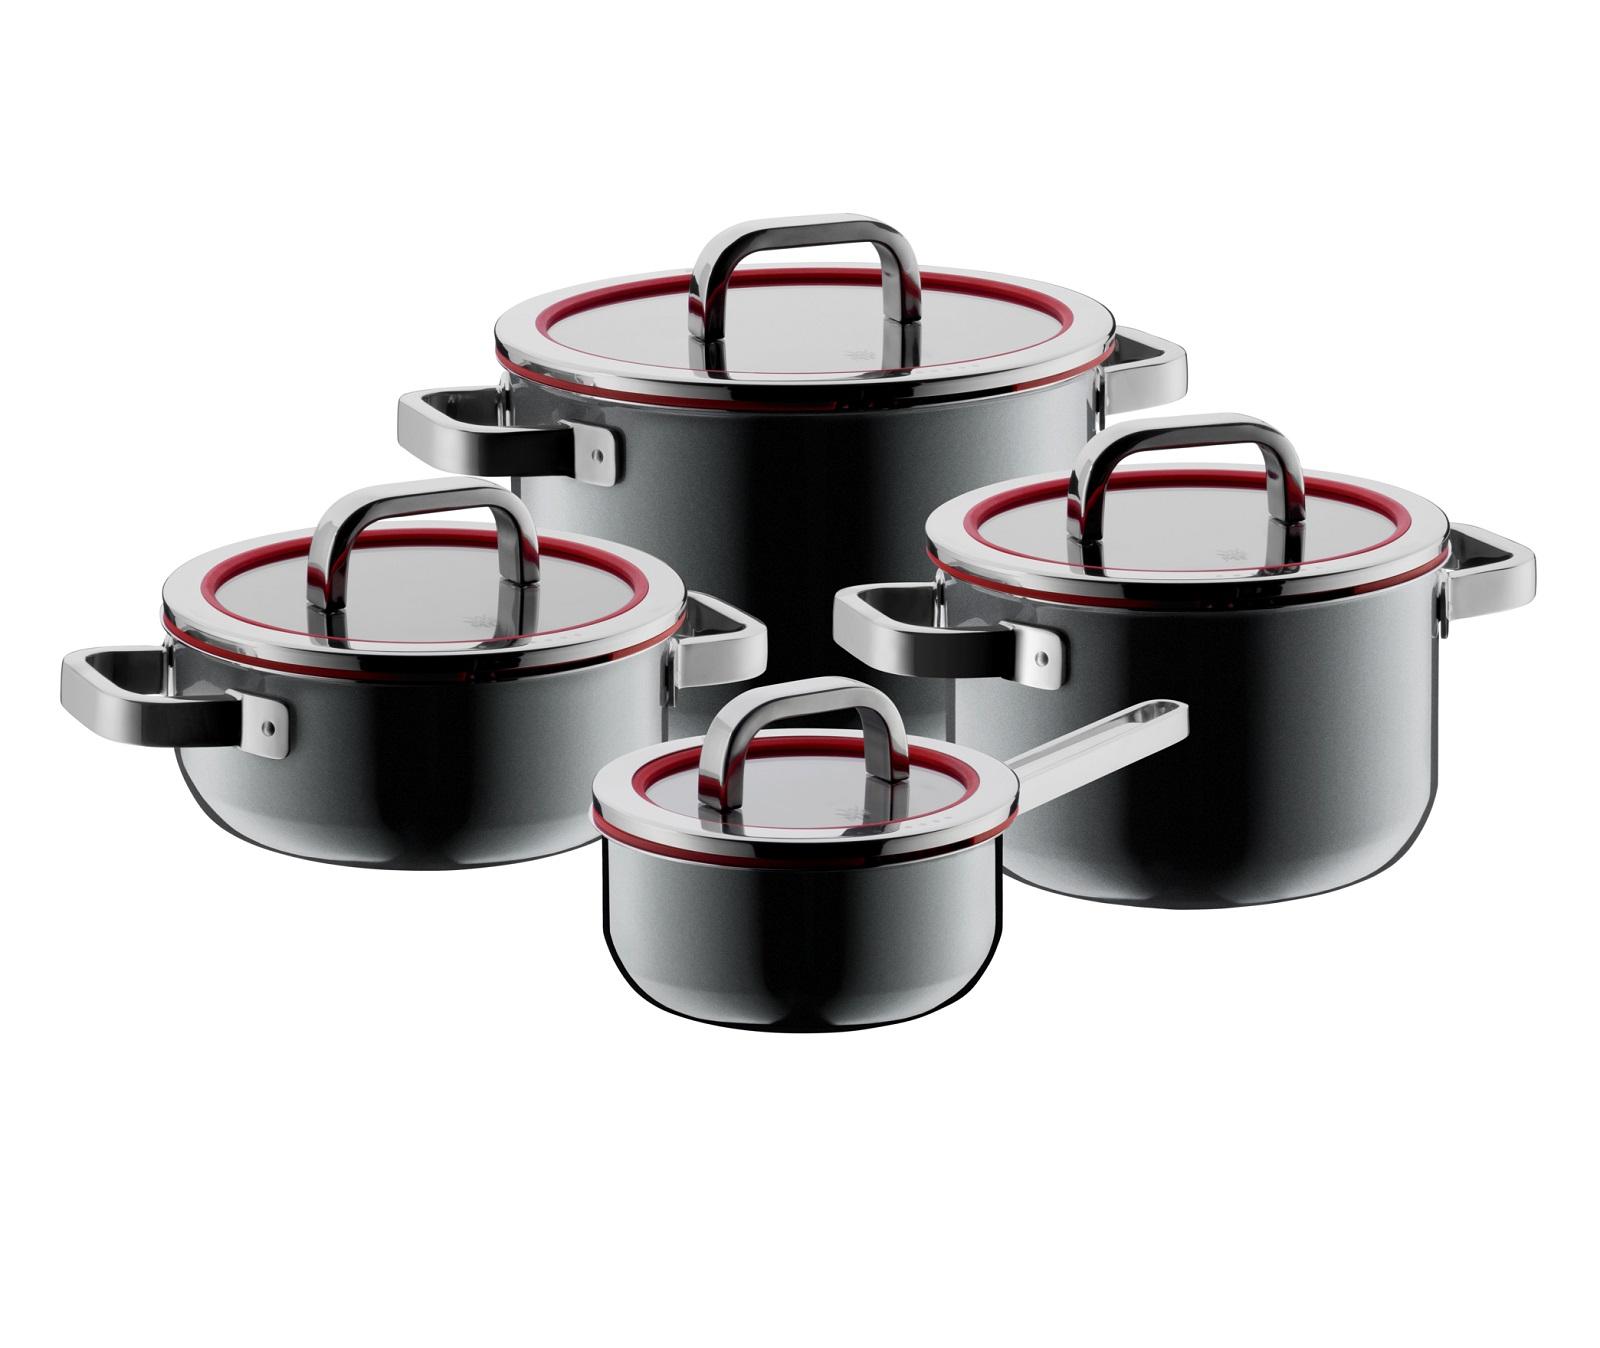 Онлайн каталог PROMENU: Набір кухонного посуду WMF FUSIONTEC MINERAL: 3 каструлі і соусник, з кришками, чорний, 8 предметів  05 1740 5290